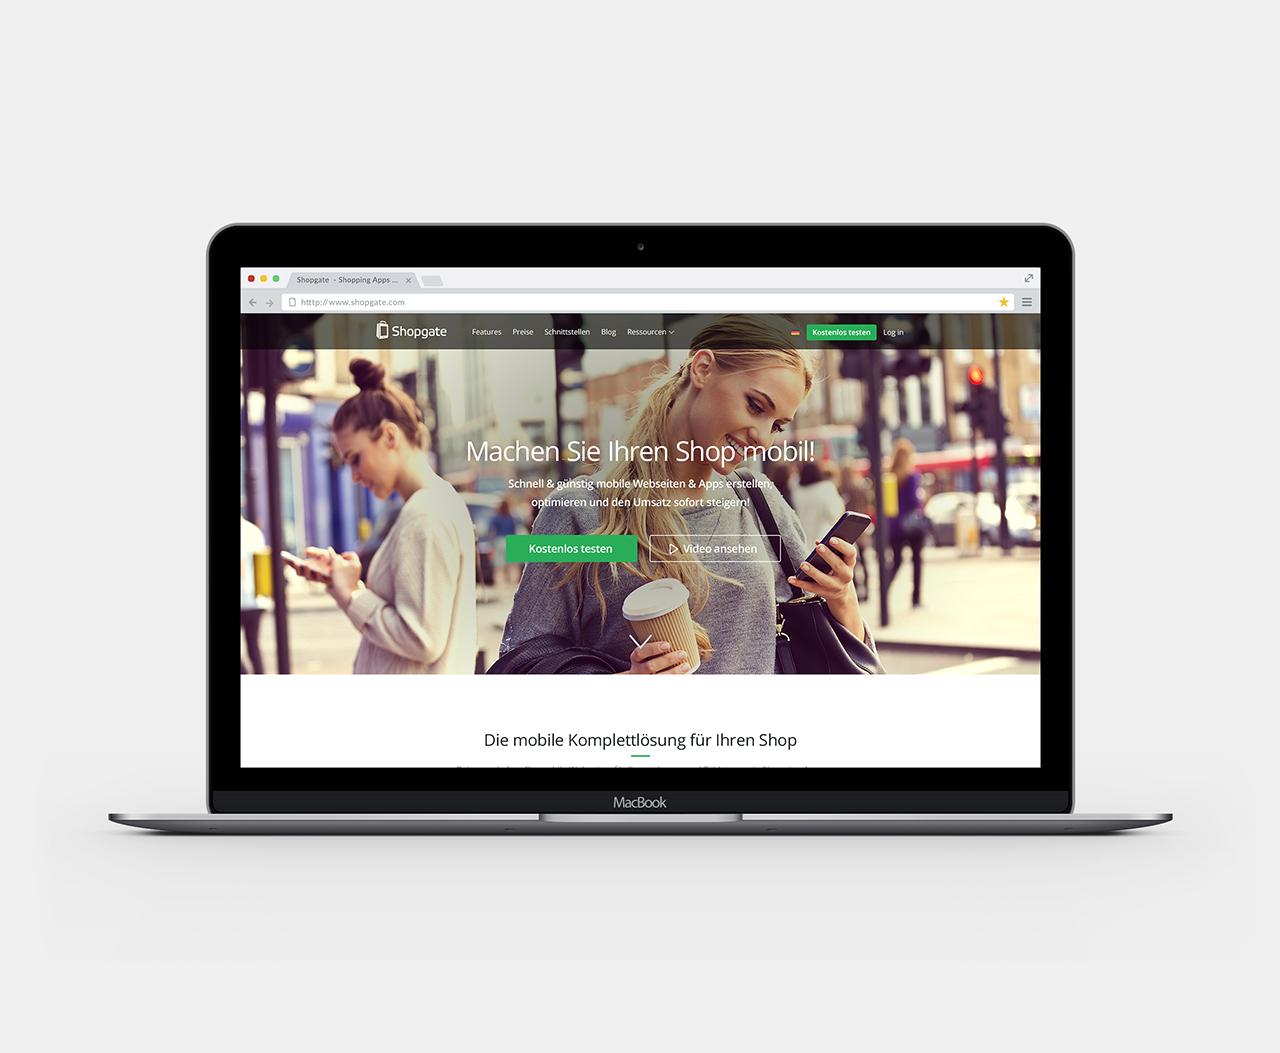 shopgate-screen-18